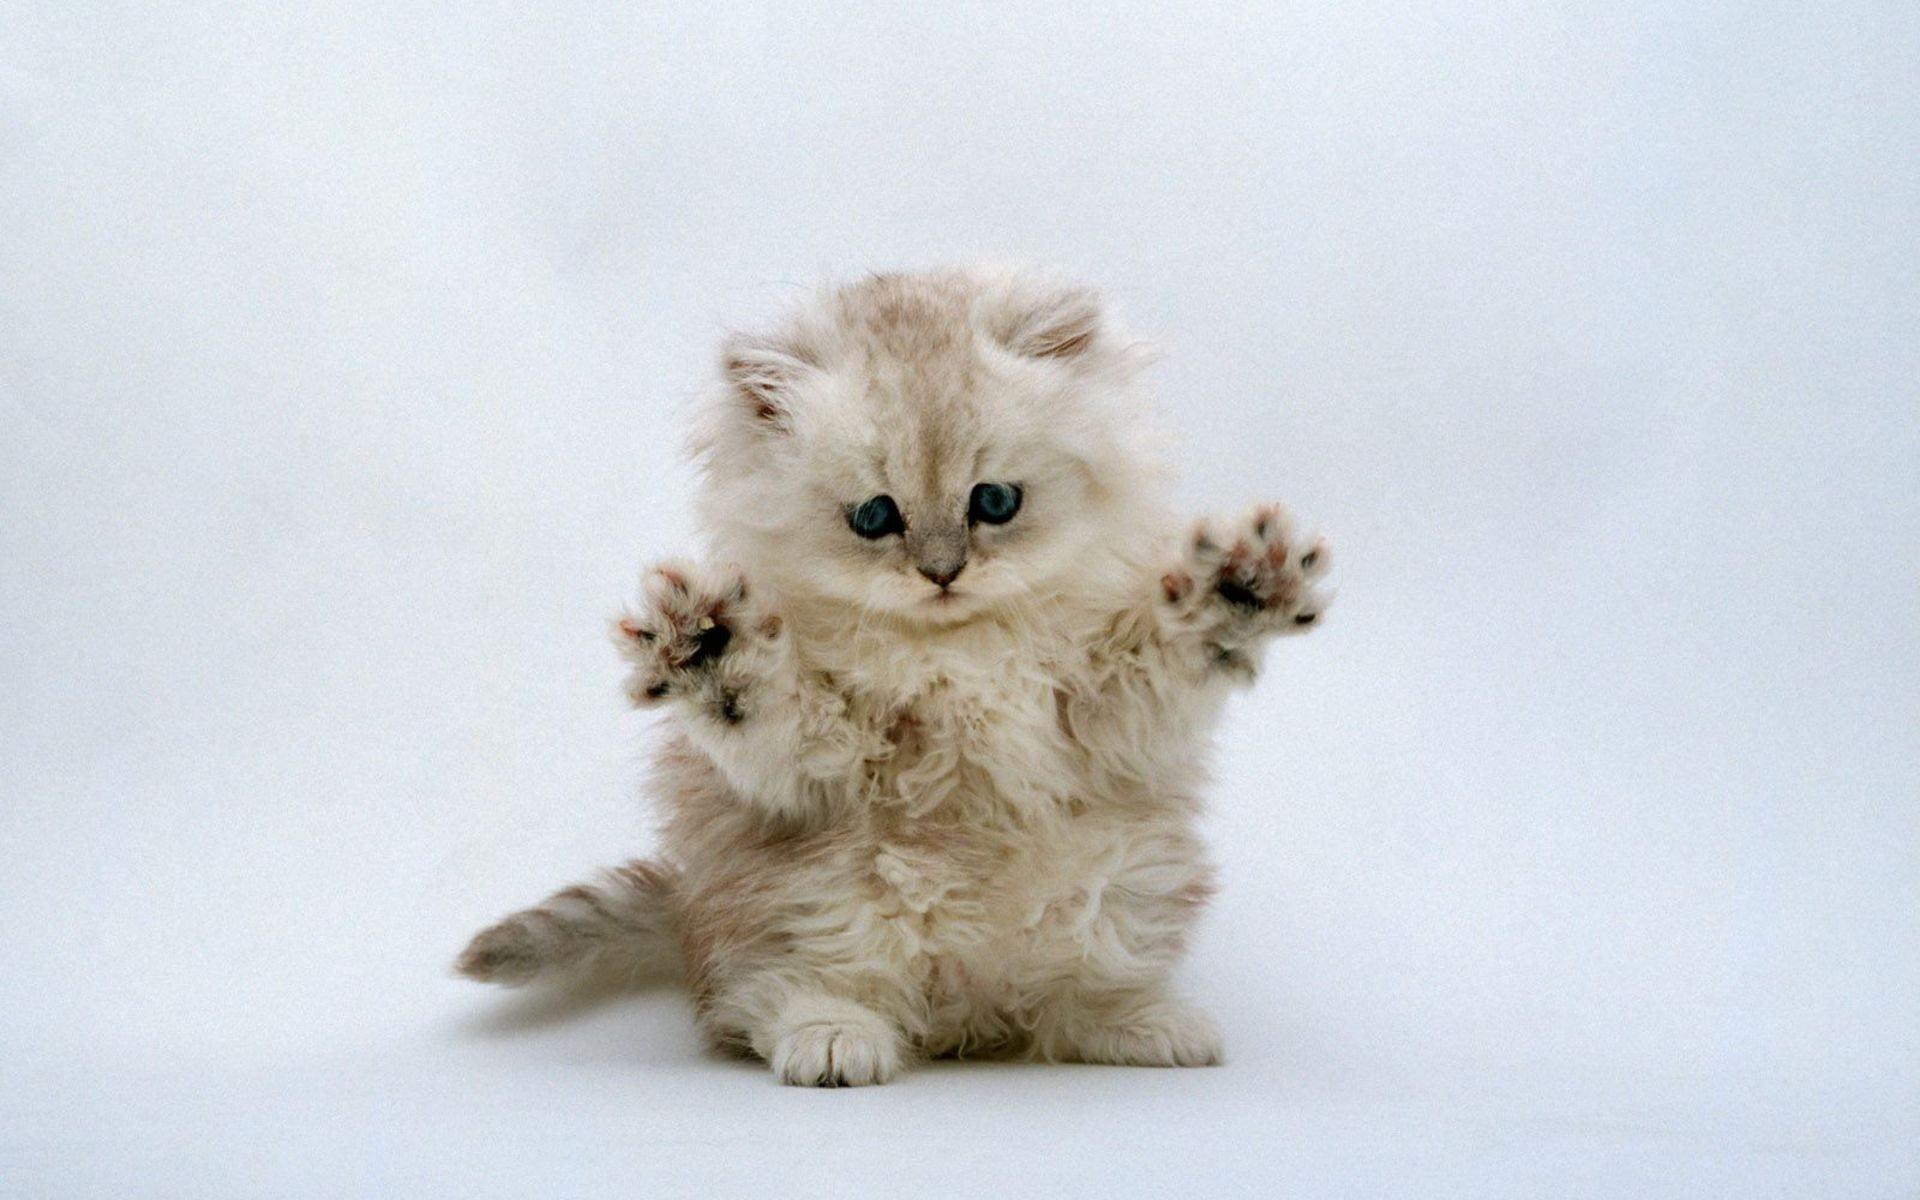 Hình ảnh chú mèo con đang phô diễn kỹ năng vồ chuột